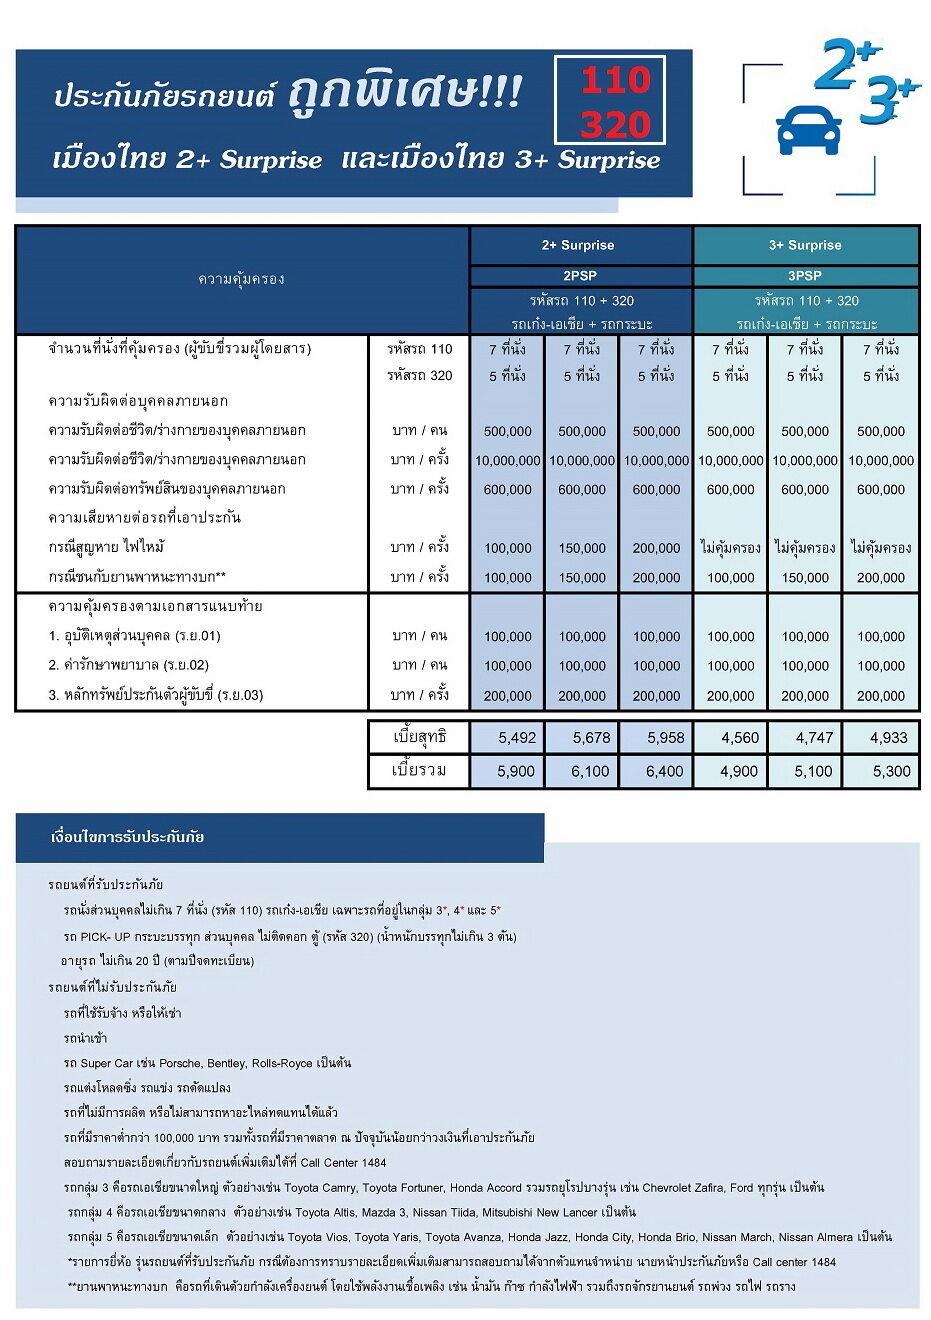 รีวิว ประกันภัย ประกันภัยรถยนต์ เมืองไทยประเภท 3+Serprise (รถเก๋ง กระบะ ส่วนบุคคล) ทุนประกัน 150,000 เบี้ยถูก คุ้มครองจริง 1 ปี